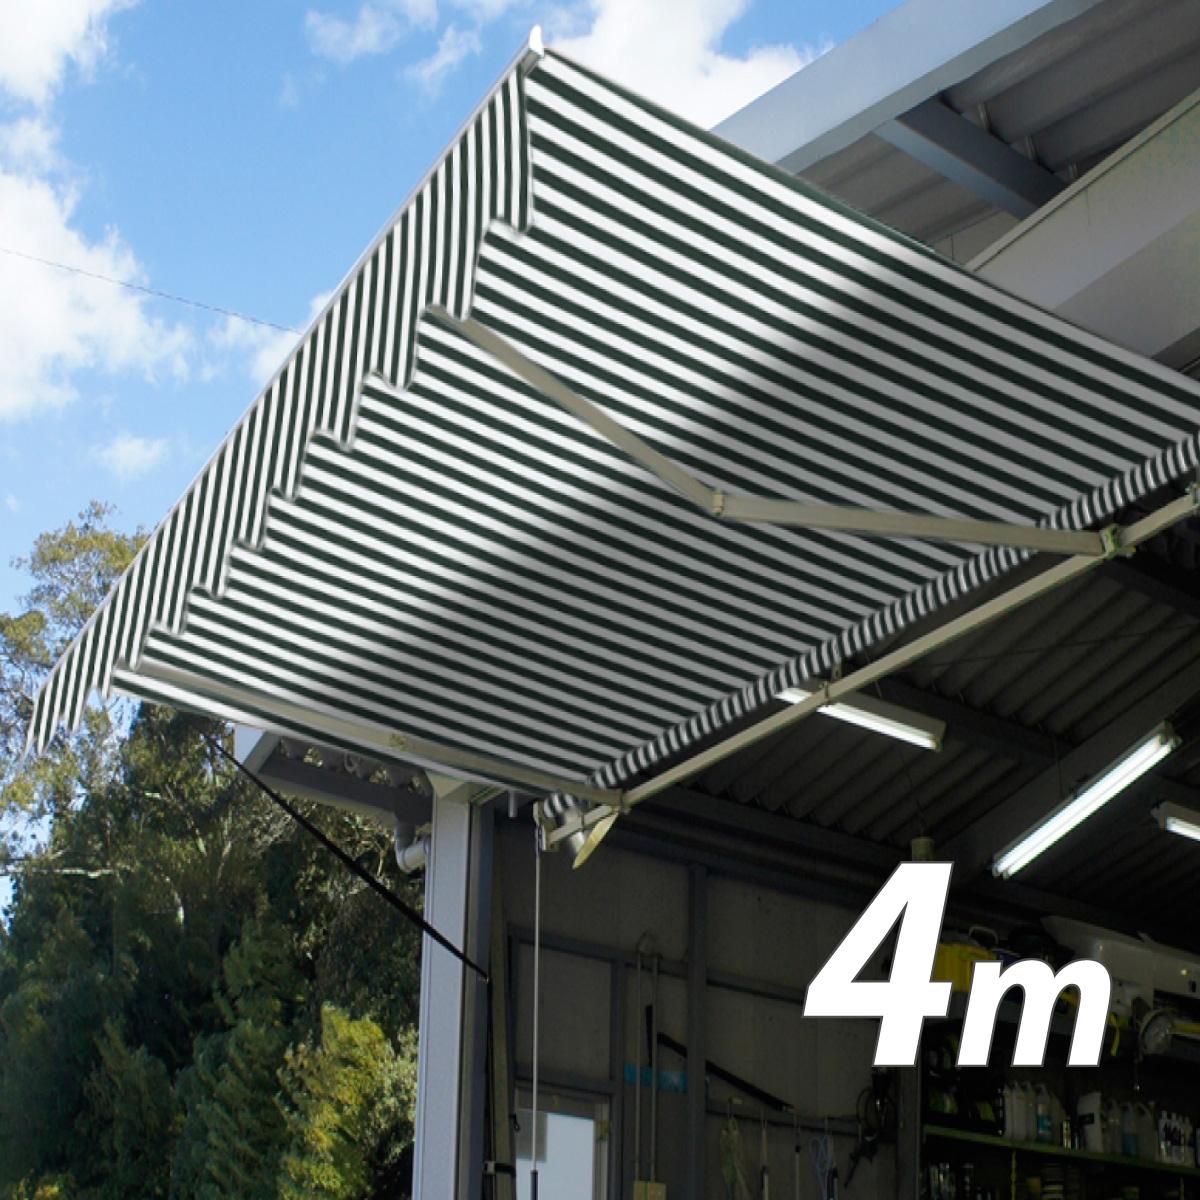 オーニングテント 幅4m×張出2.5m 緑白 ストライプ 白フレーム折り畳み 伸縮 巻き上げ式 雨よけ 日よけテントサンシェード ベランダ ガーデニング オープンテラス紫外線 UVカット 遮熱 断熱 エコハンドル式 簡単収納 □_71011